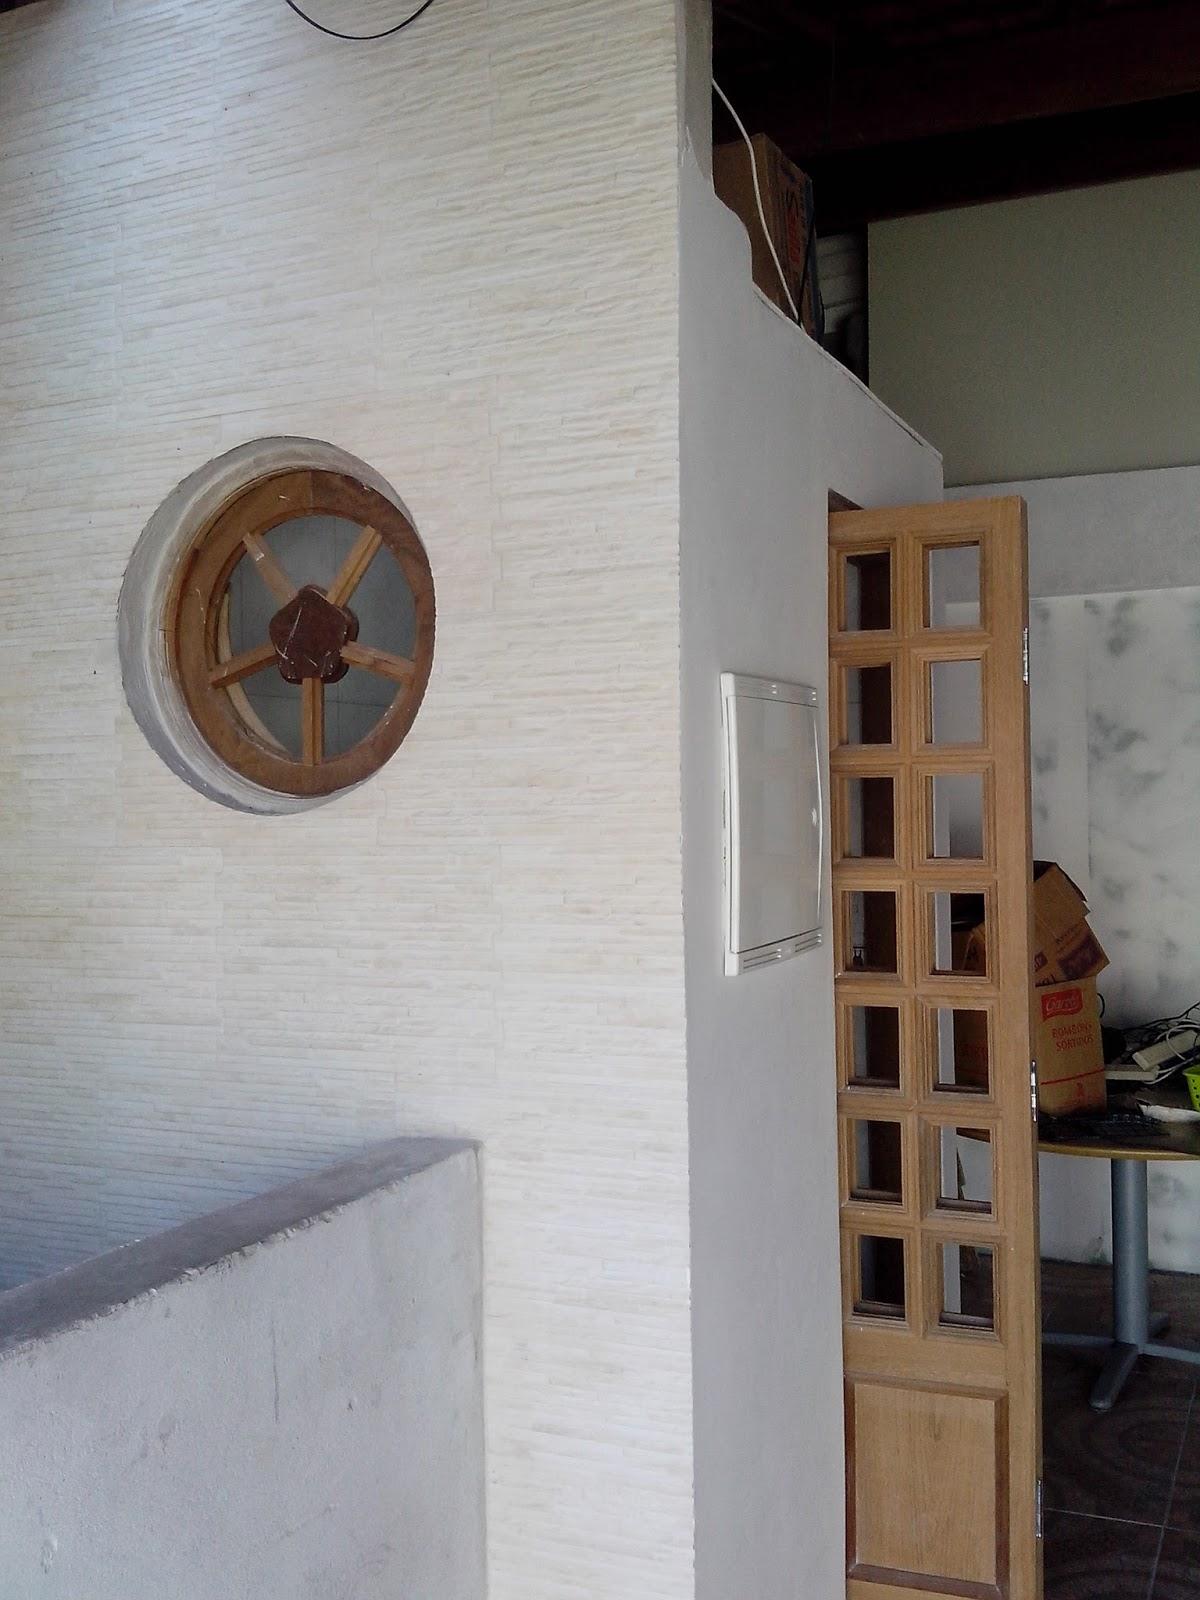 #634834  de ar com tijolo vazado recebeu uma janela redonda de madeira 830 Lubrificante Para Janela De Madeira